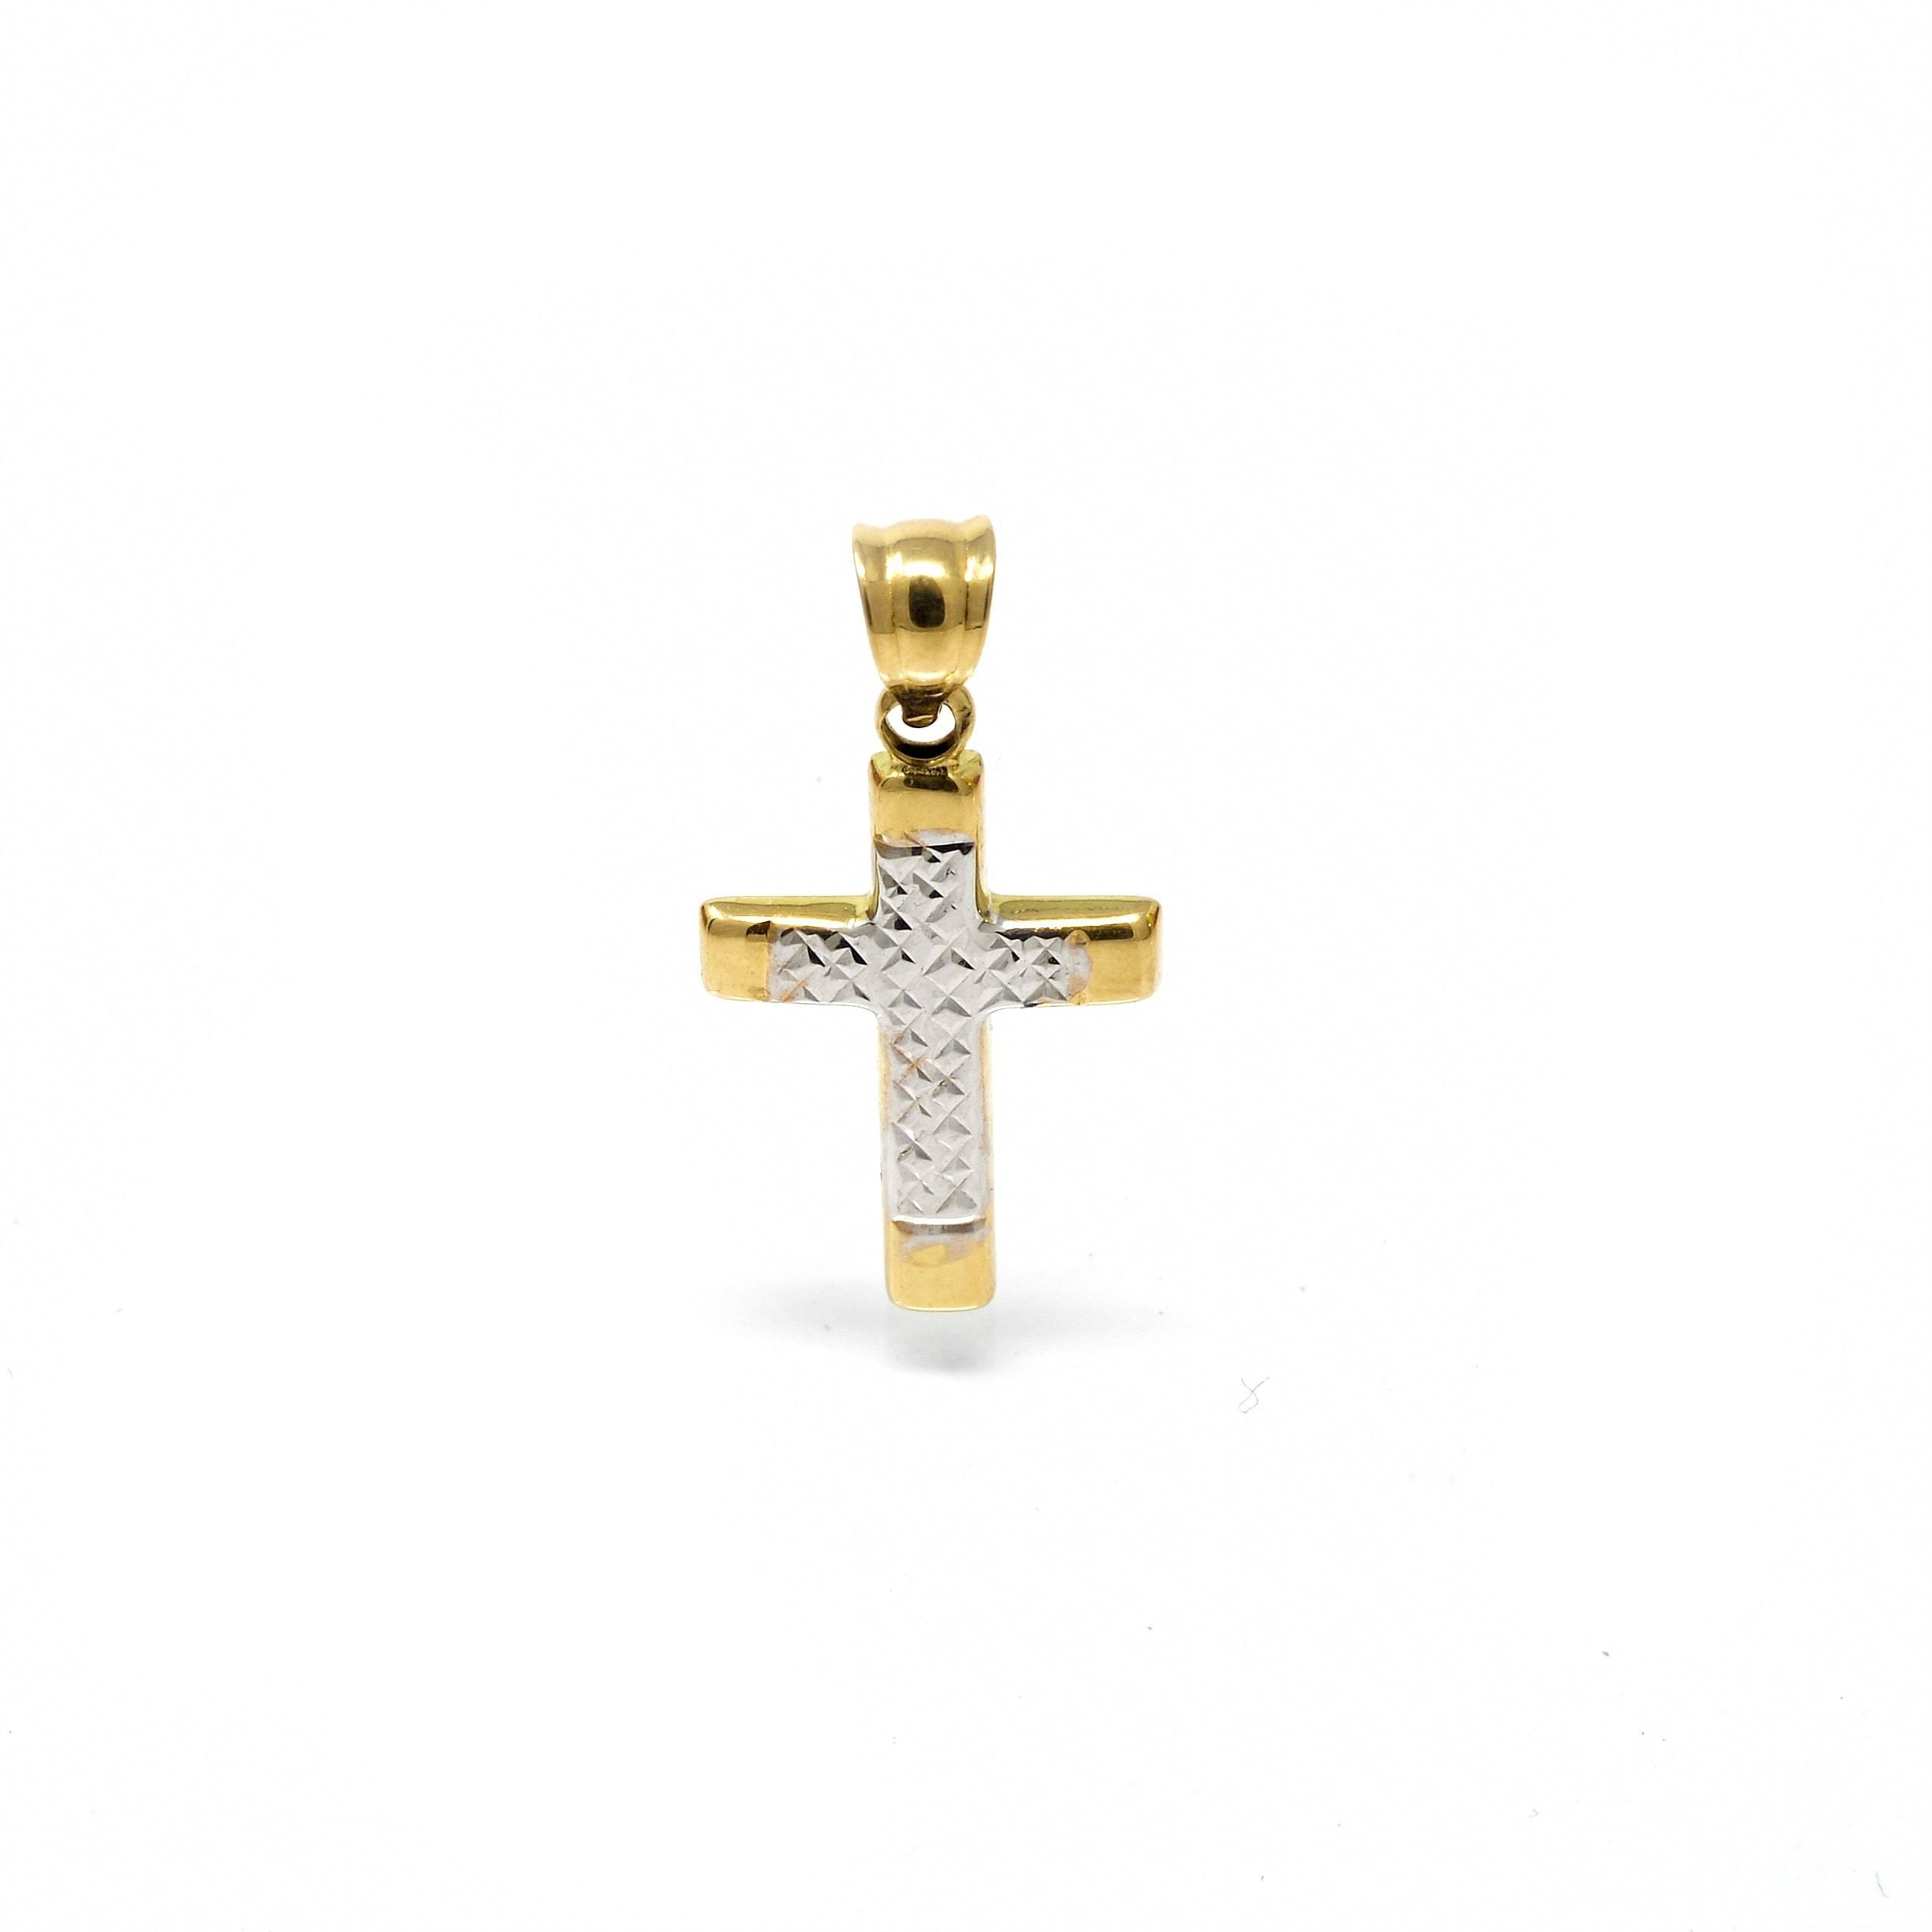 Croix cisele bicolore 18 carats-3-min